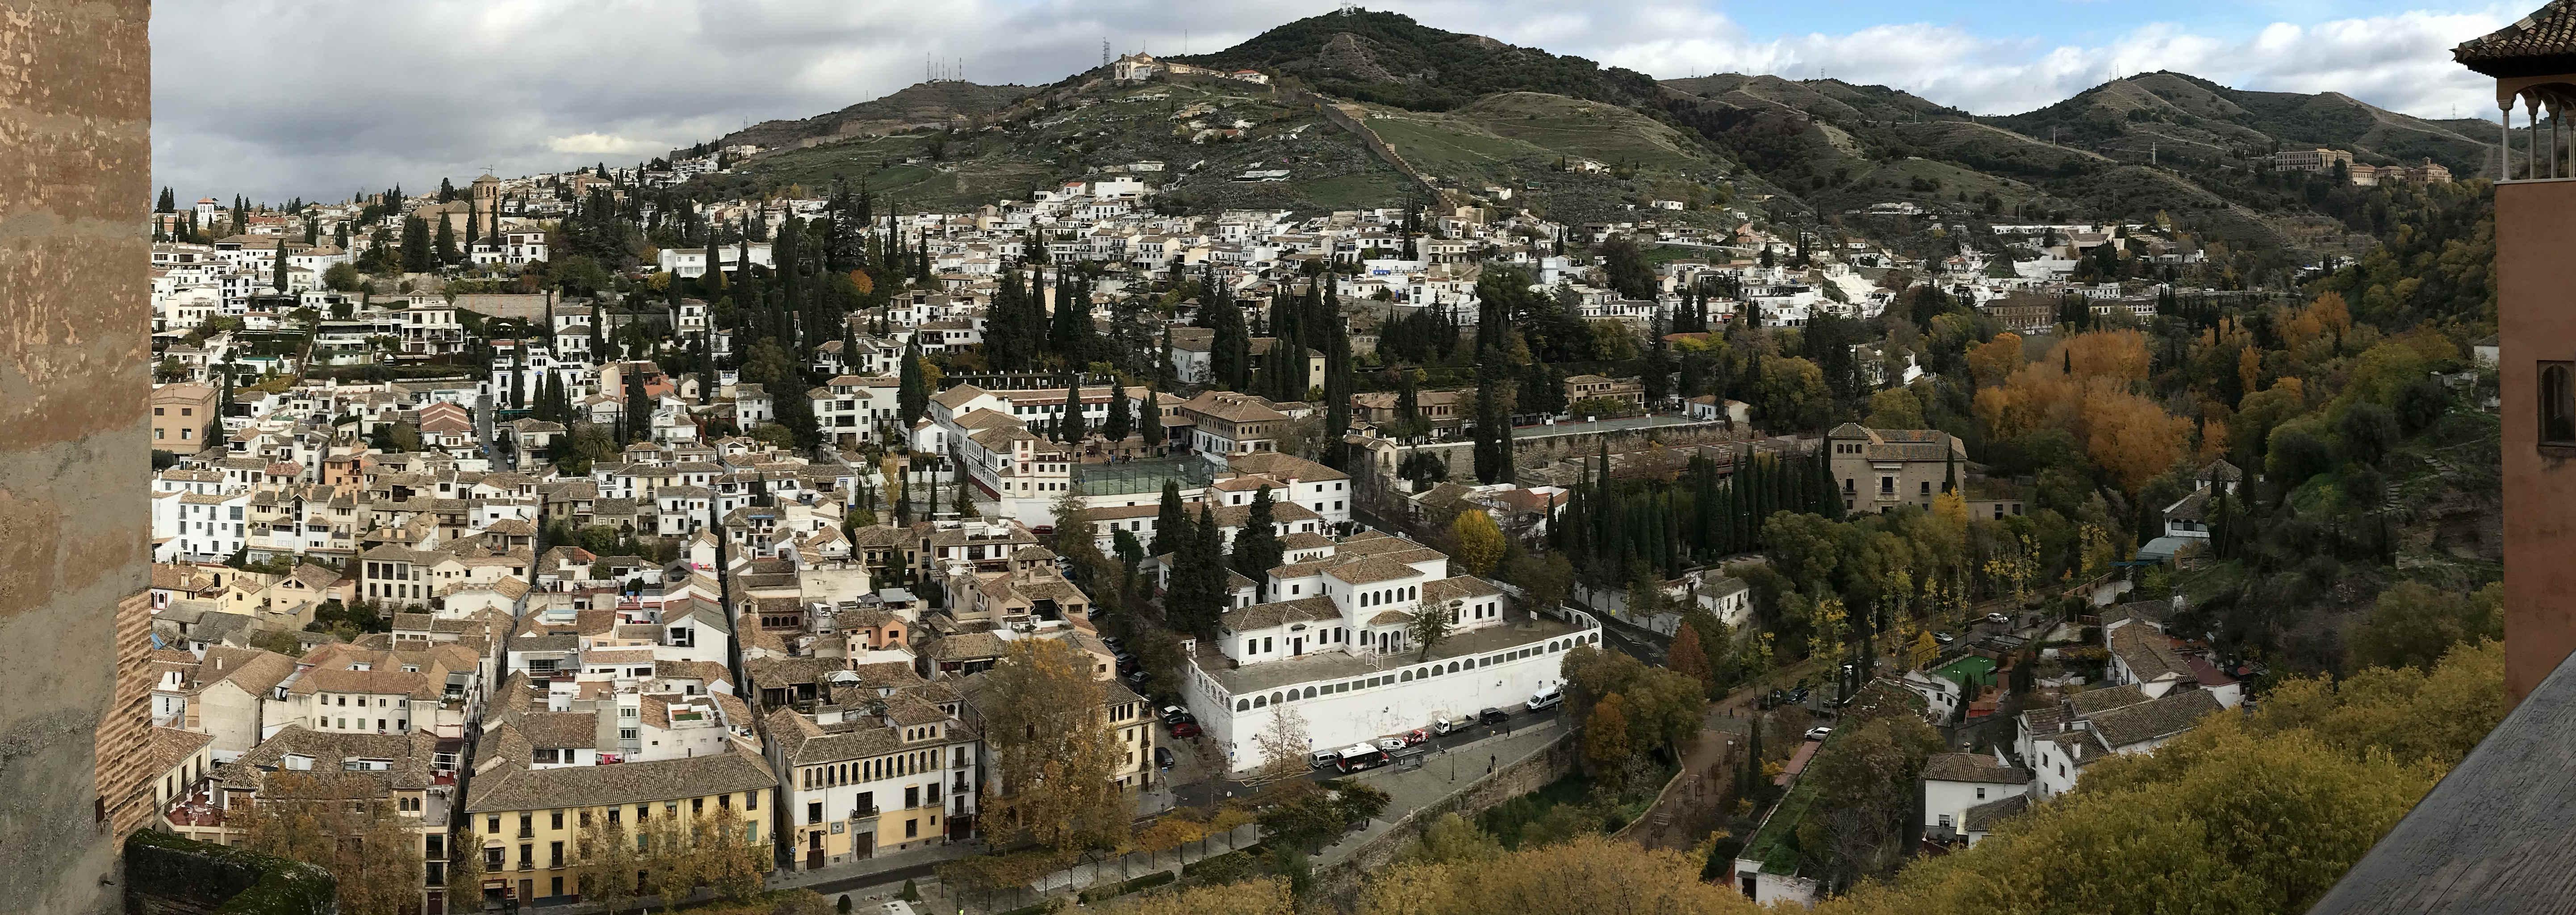 Visita panorámica de una montaña llena de casas apiñadas de color blanco y muchos jardines con cipreses